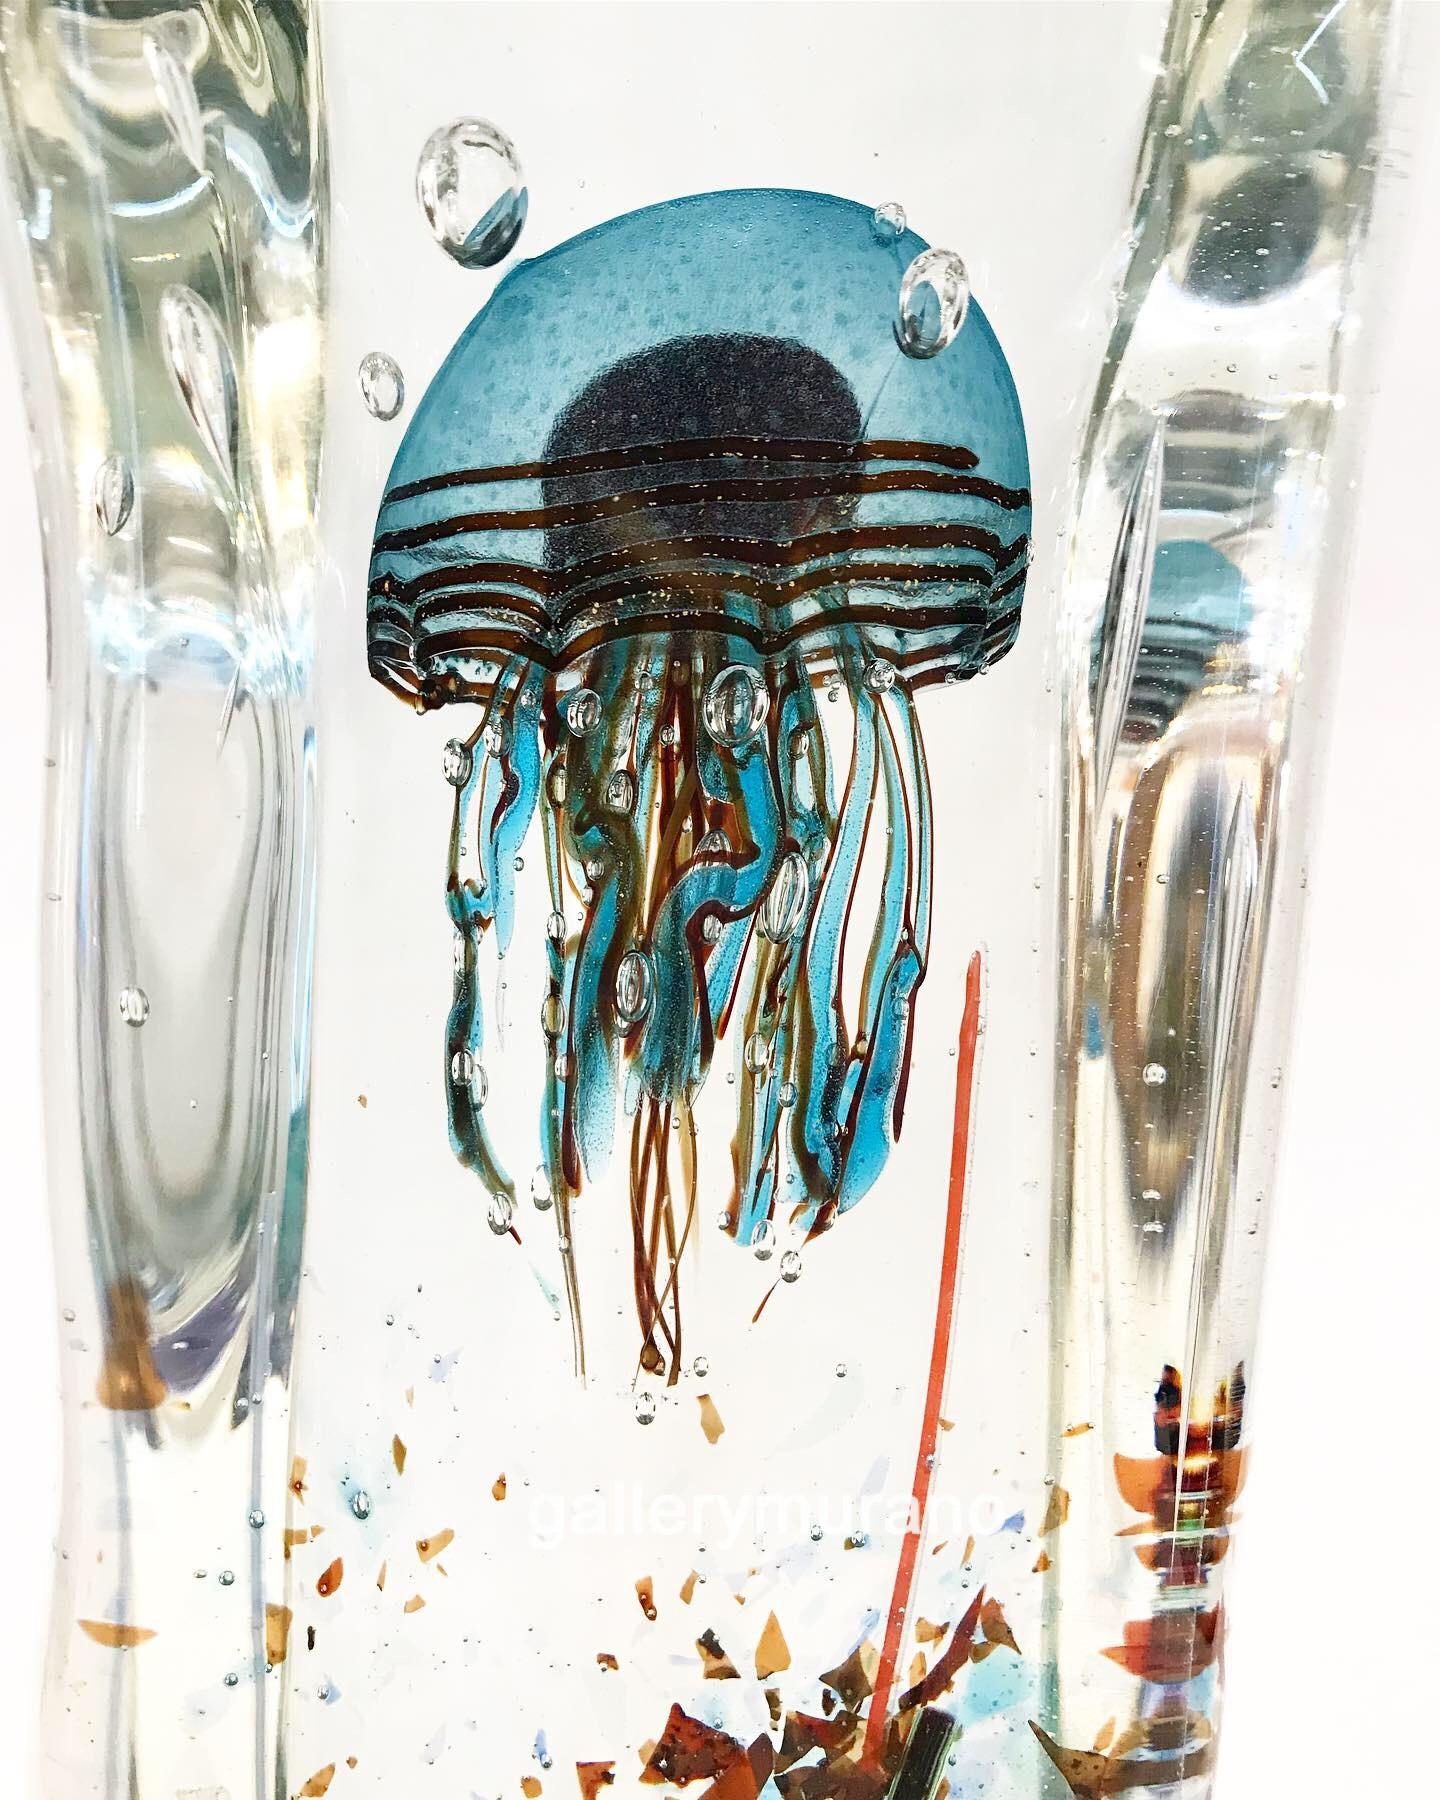 Аквариум с голубой медузой